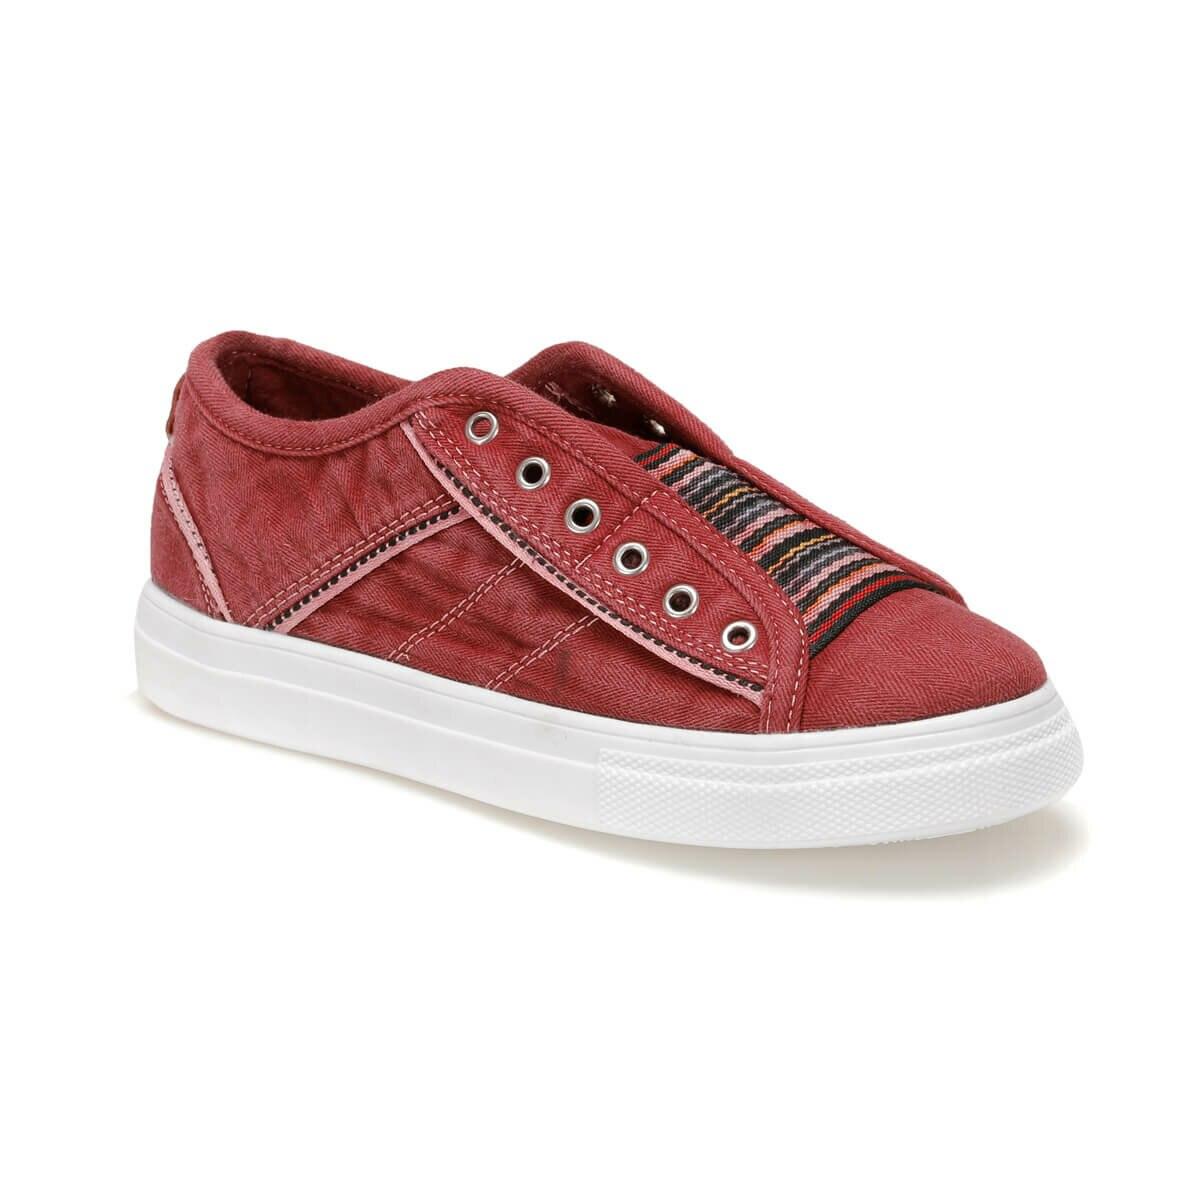 FLO 19S-502 Red Women 'S Shoes BUTIGO